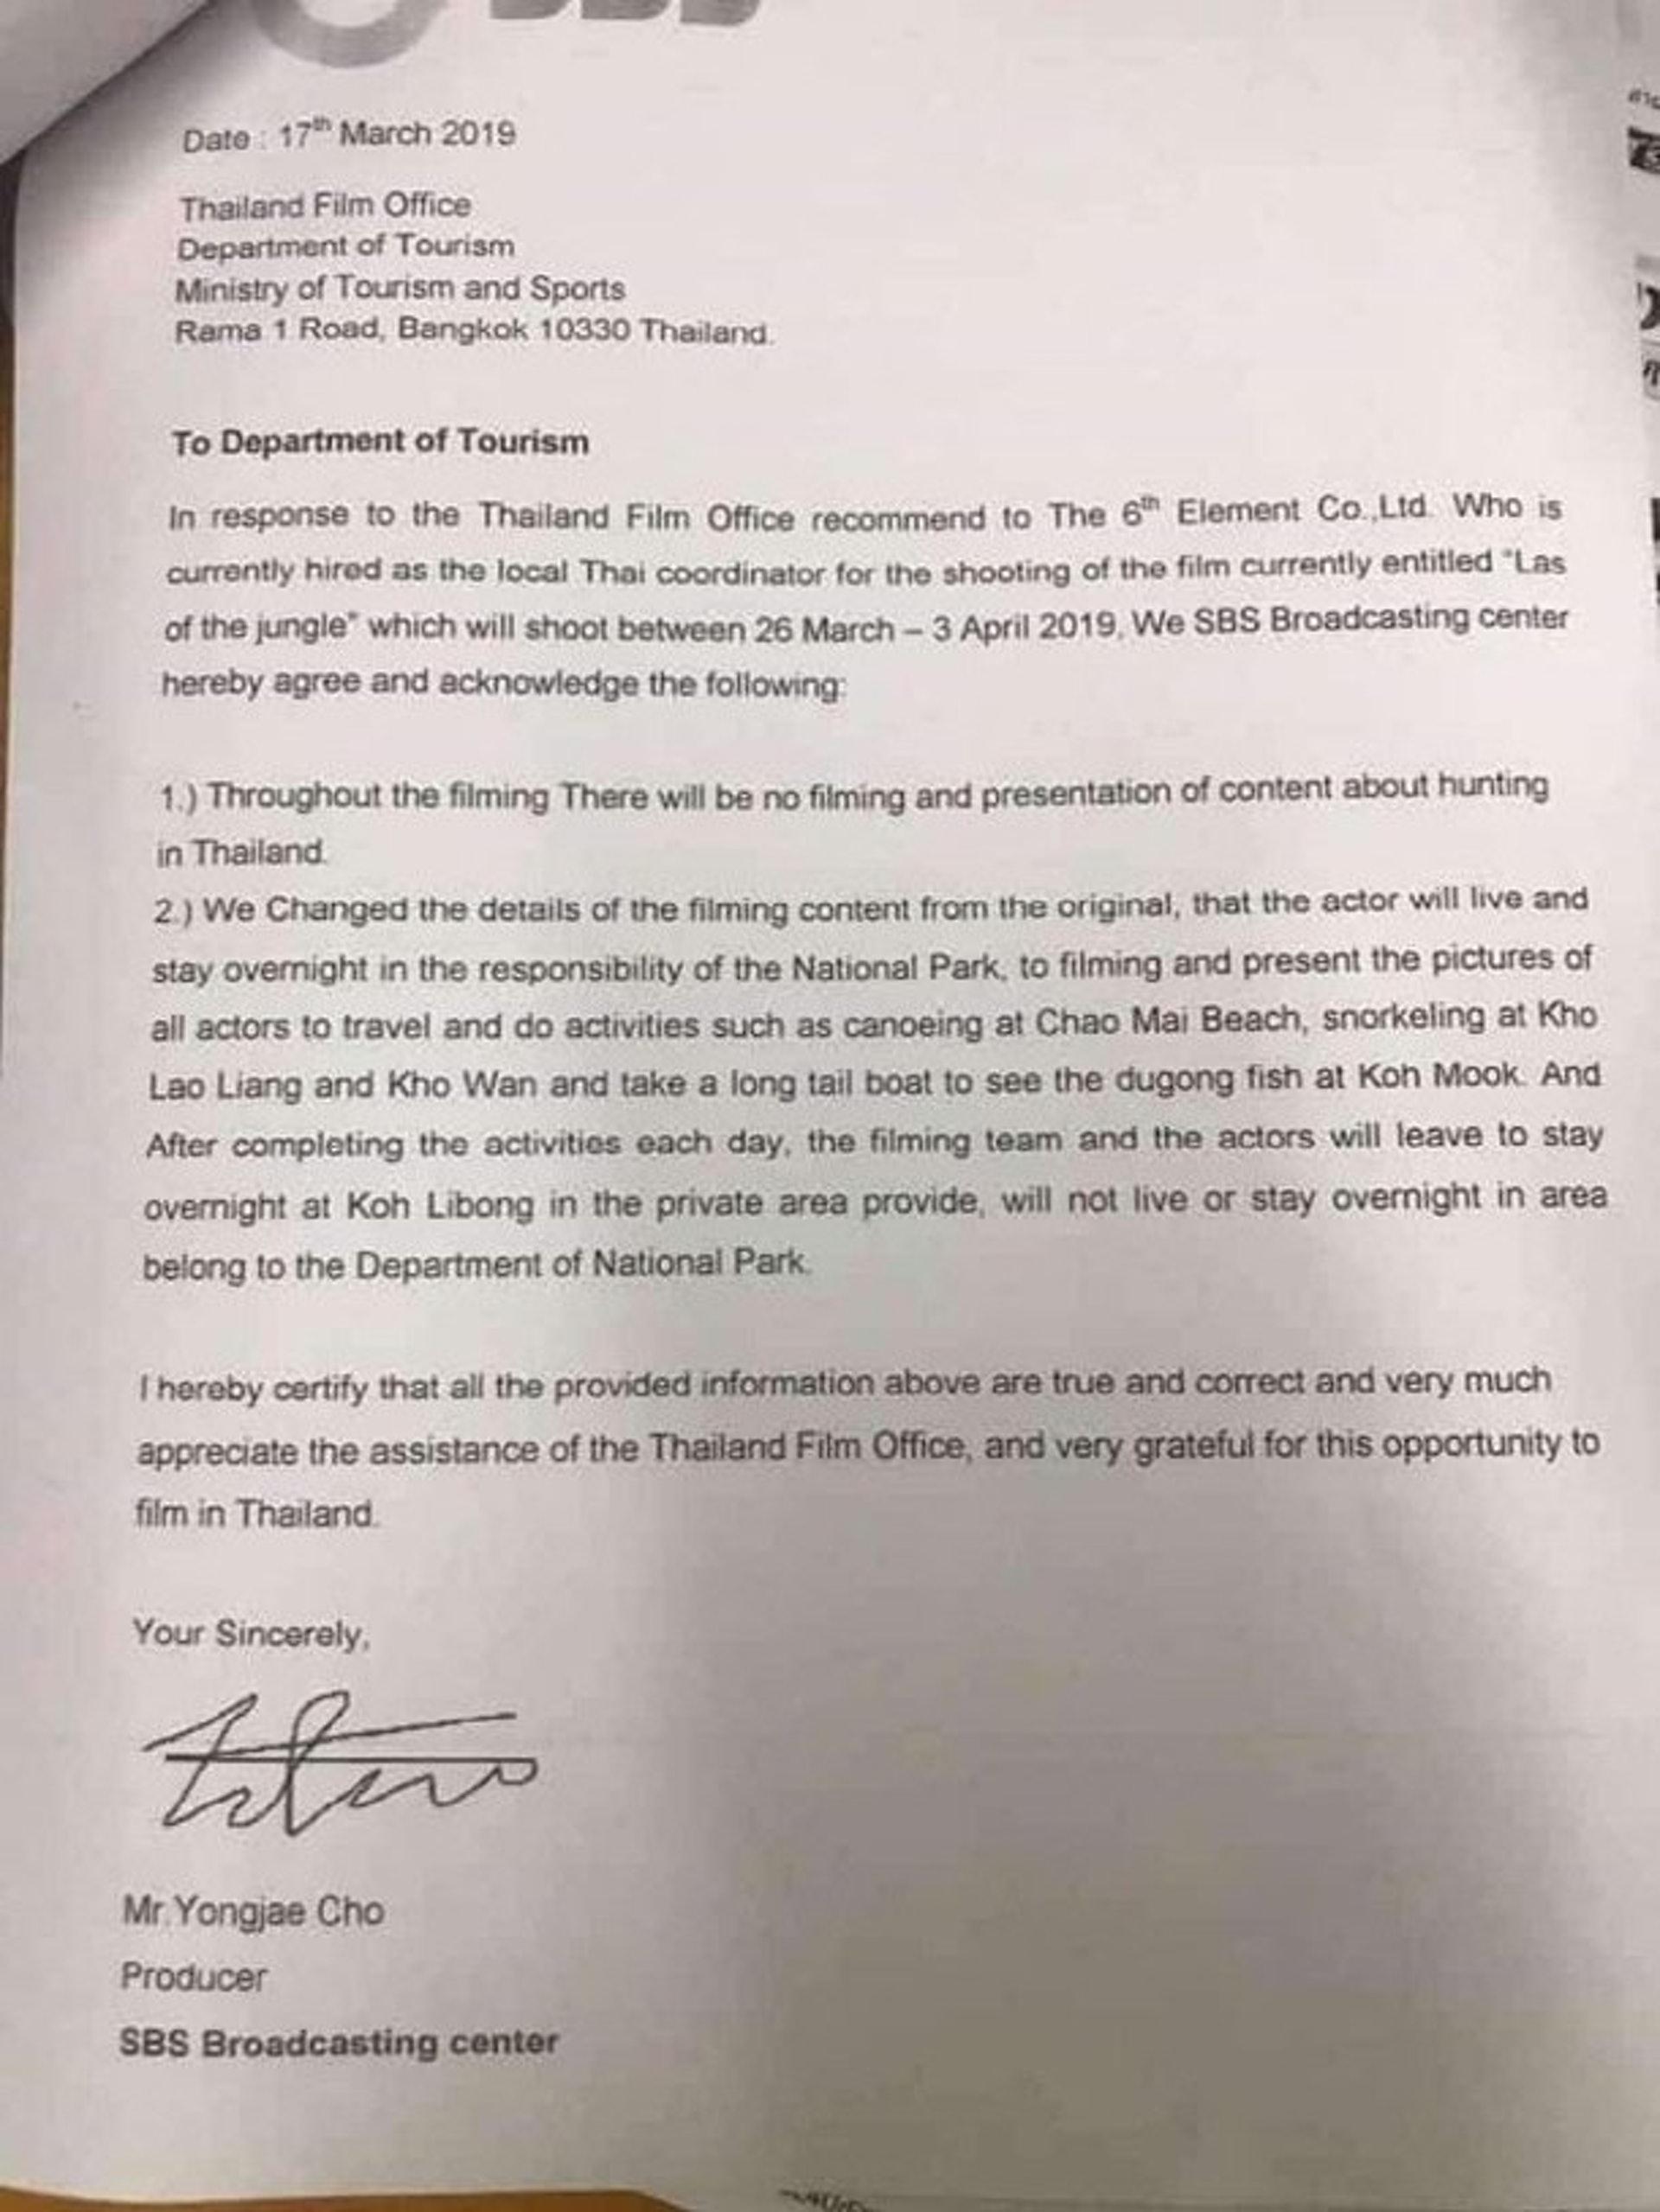 韓國傳媒踢爆SBS與泰國旅遊局簽訂協議,明言不會拍攝捕獵場面,如今《叢林的法則》播放李烈音捕捉巨蚌的場面,顯然是有違規定。(Viu《K1頭條》提供)